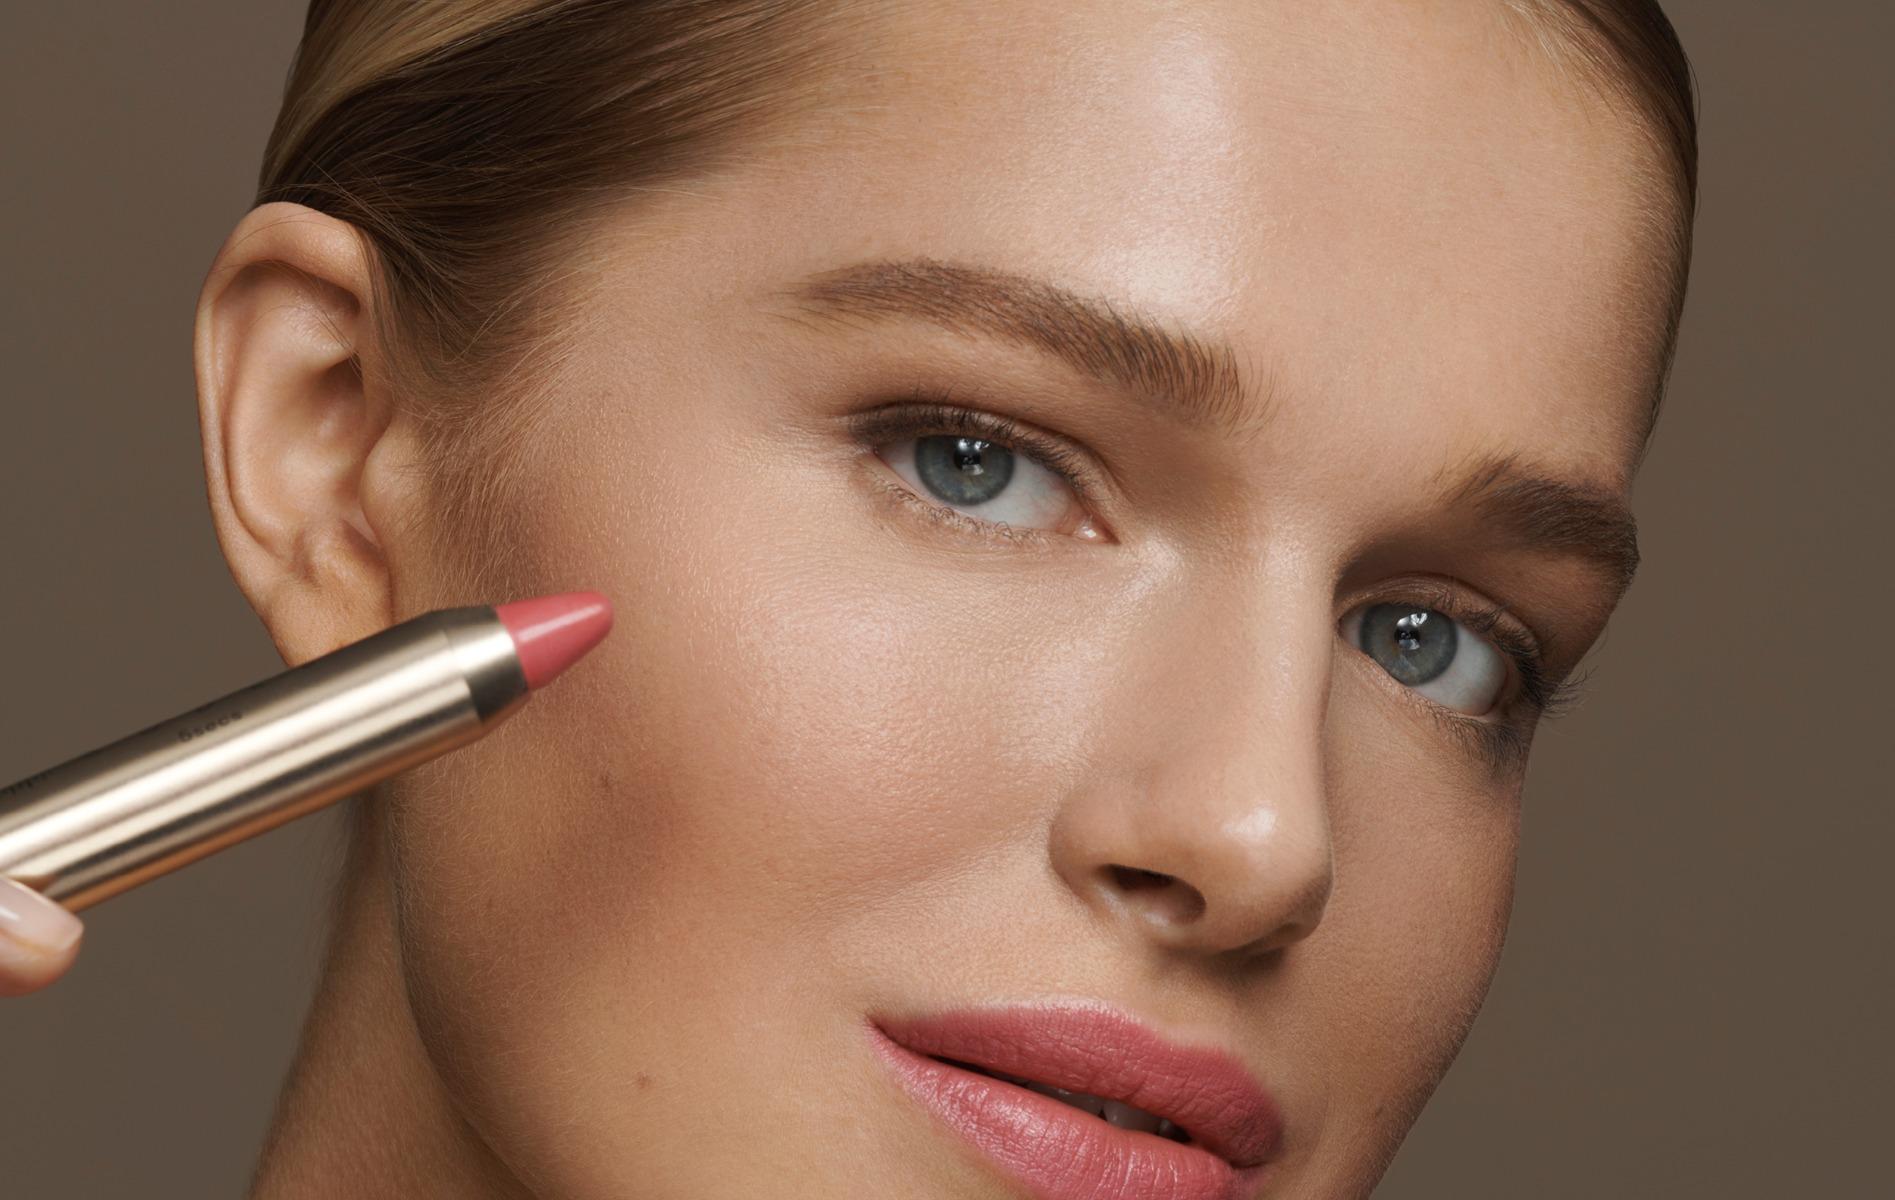 3 Uses For Cream Blush Sticks